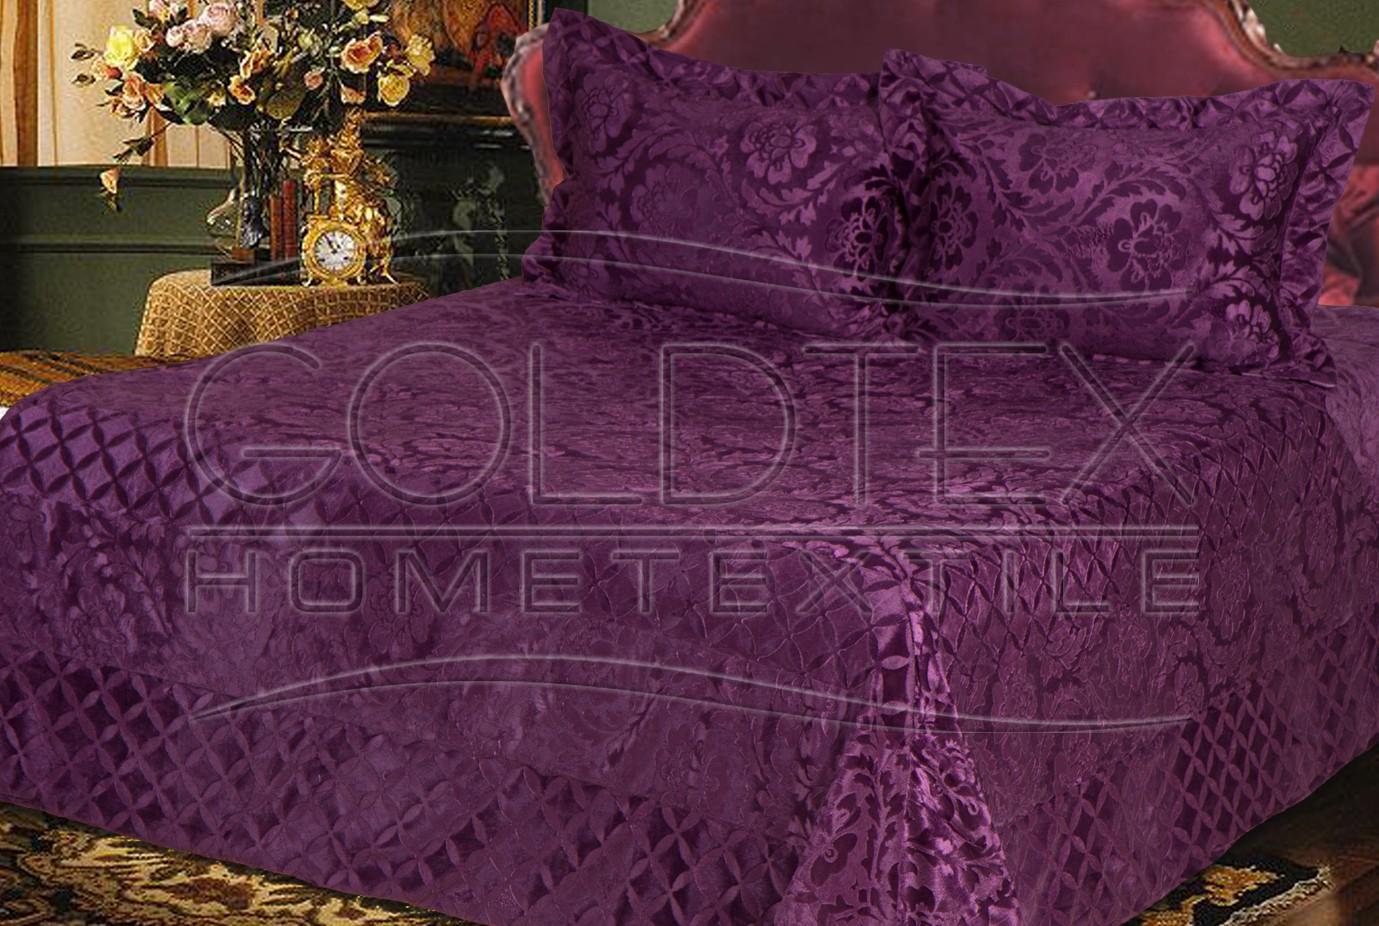 Покрывало Диана, размер 240х260 см покрывало karna покрывало evony цвет пудра 240х260 см